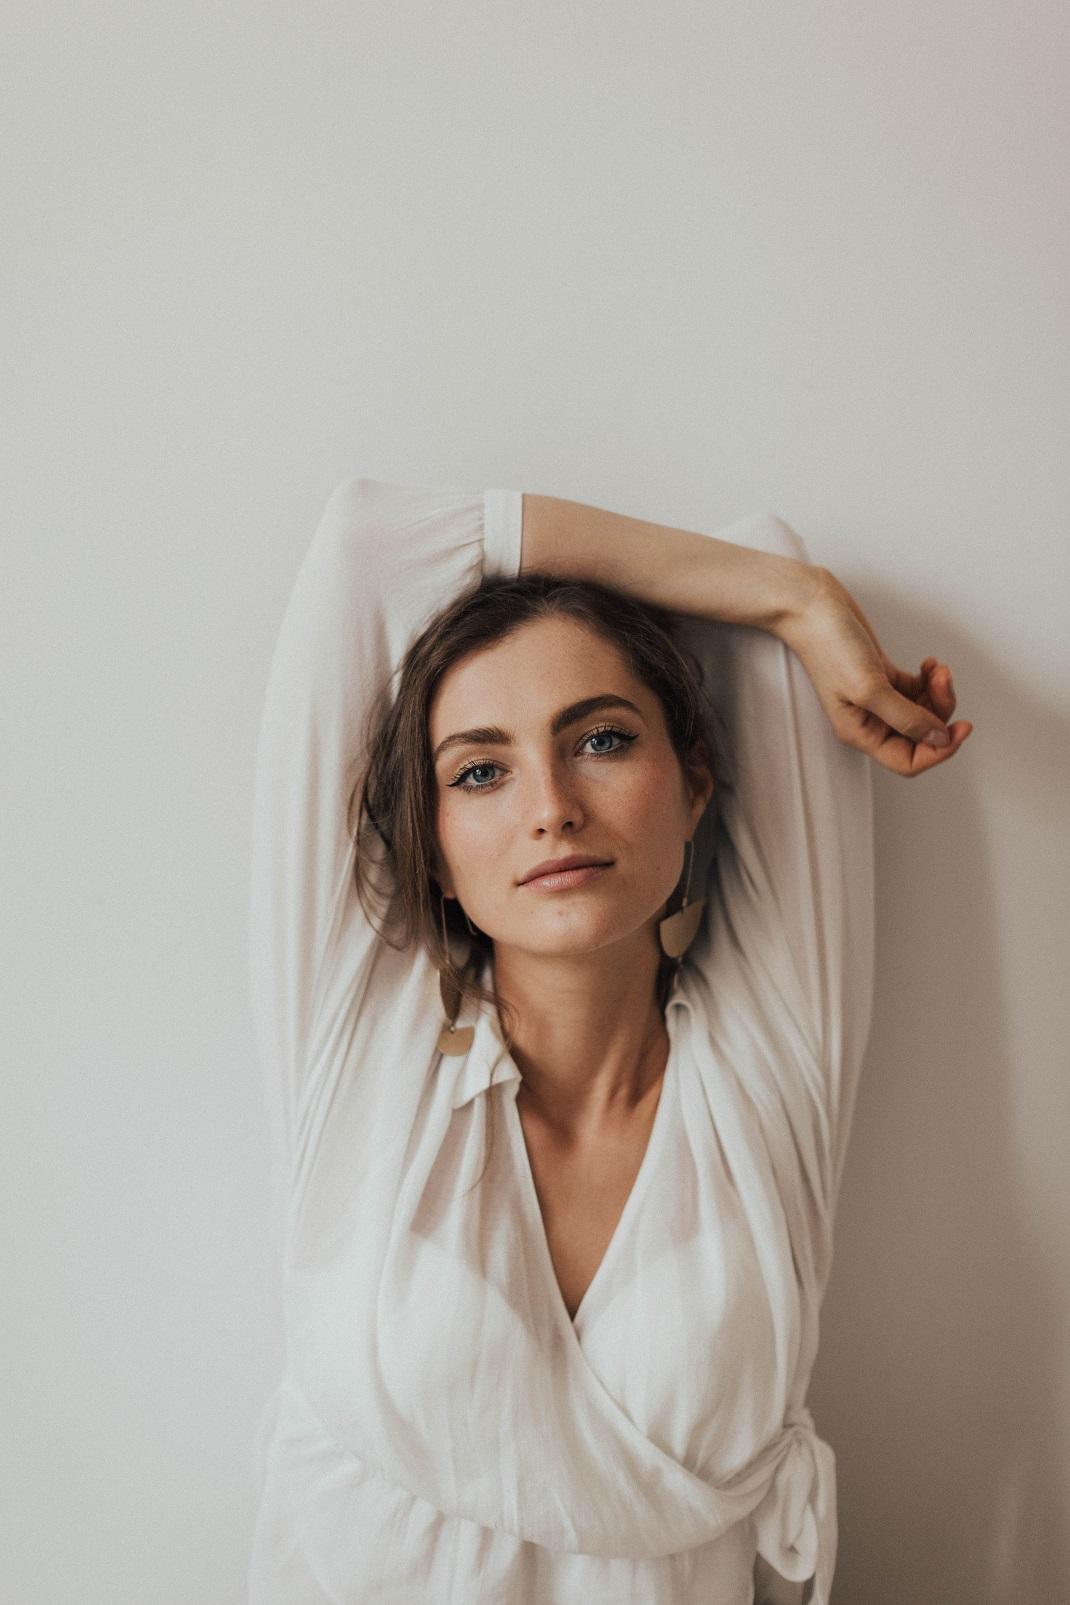 Γυναίκα φορά λευκή μπλούζα